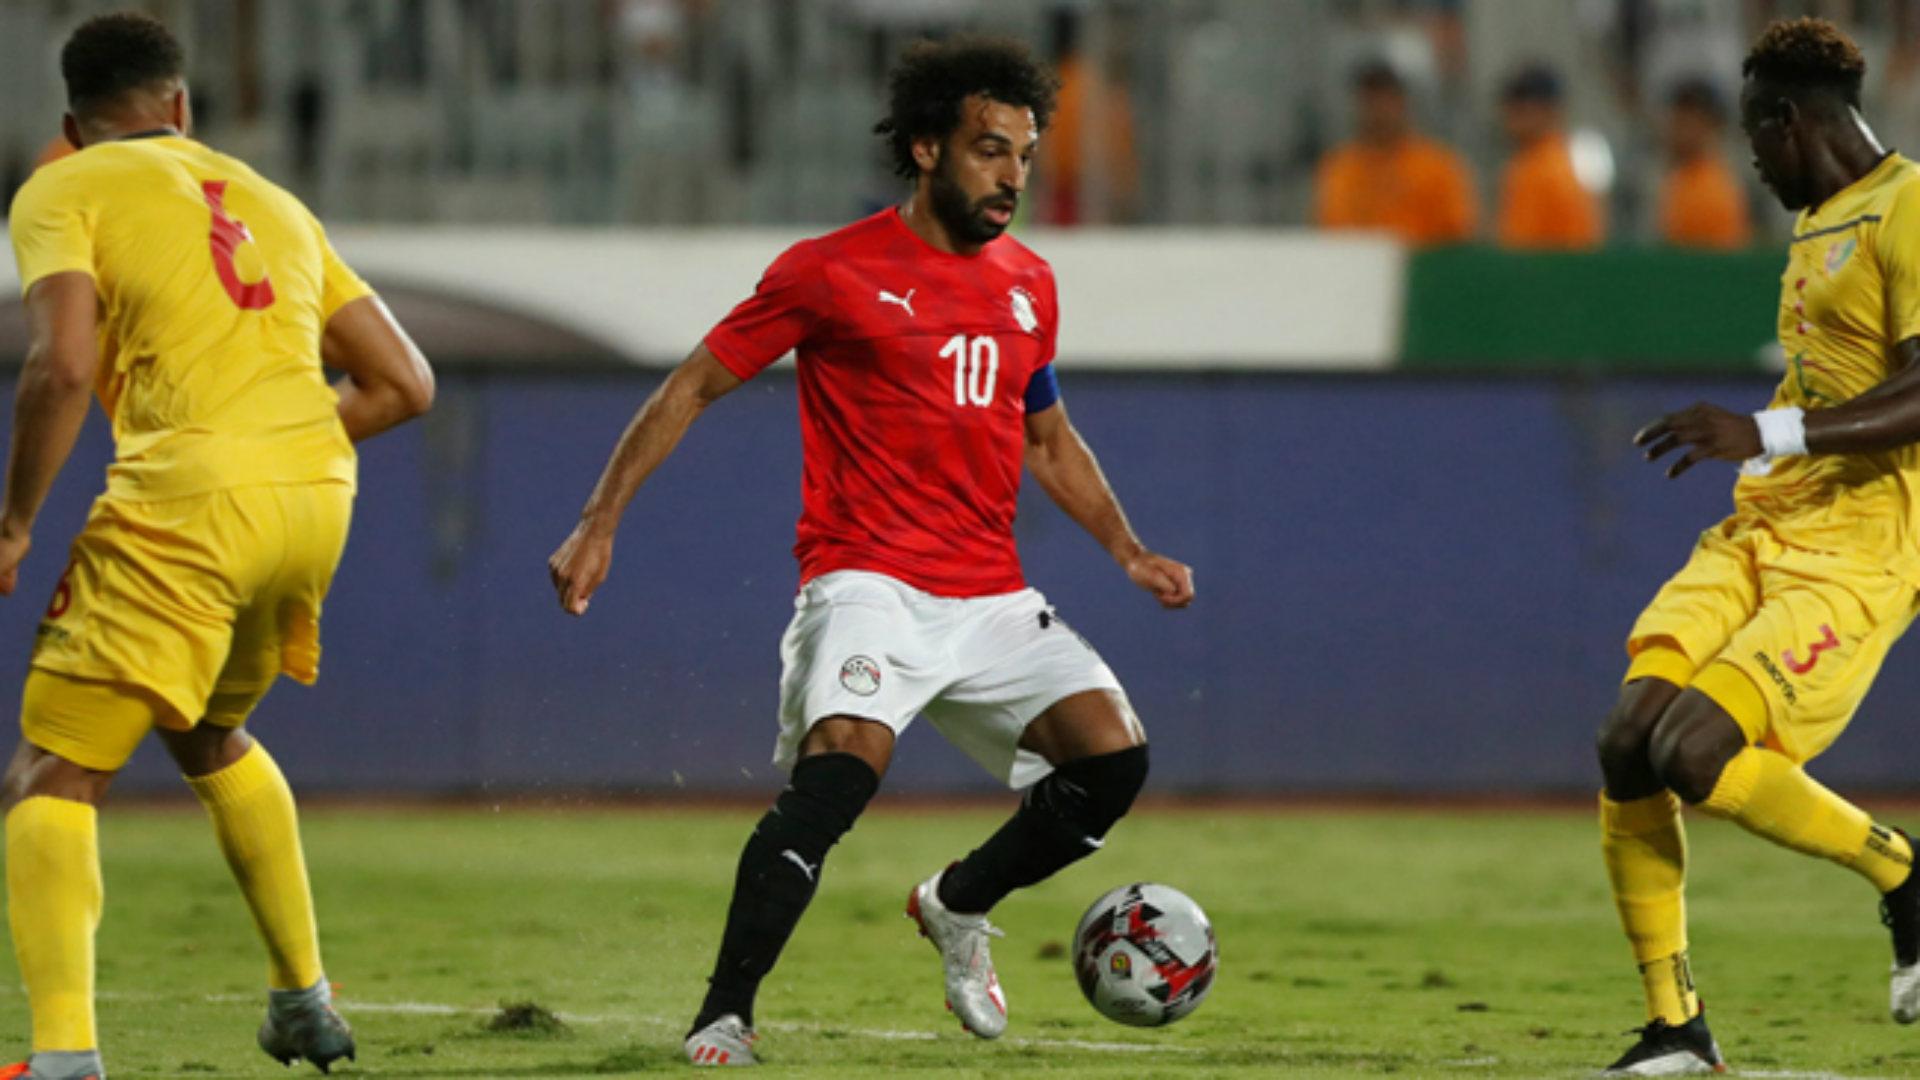 Mohamed Salah inspires Egypt to 3-1 win over Guinea